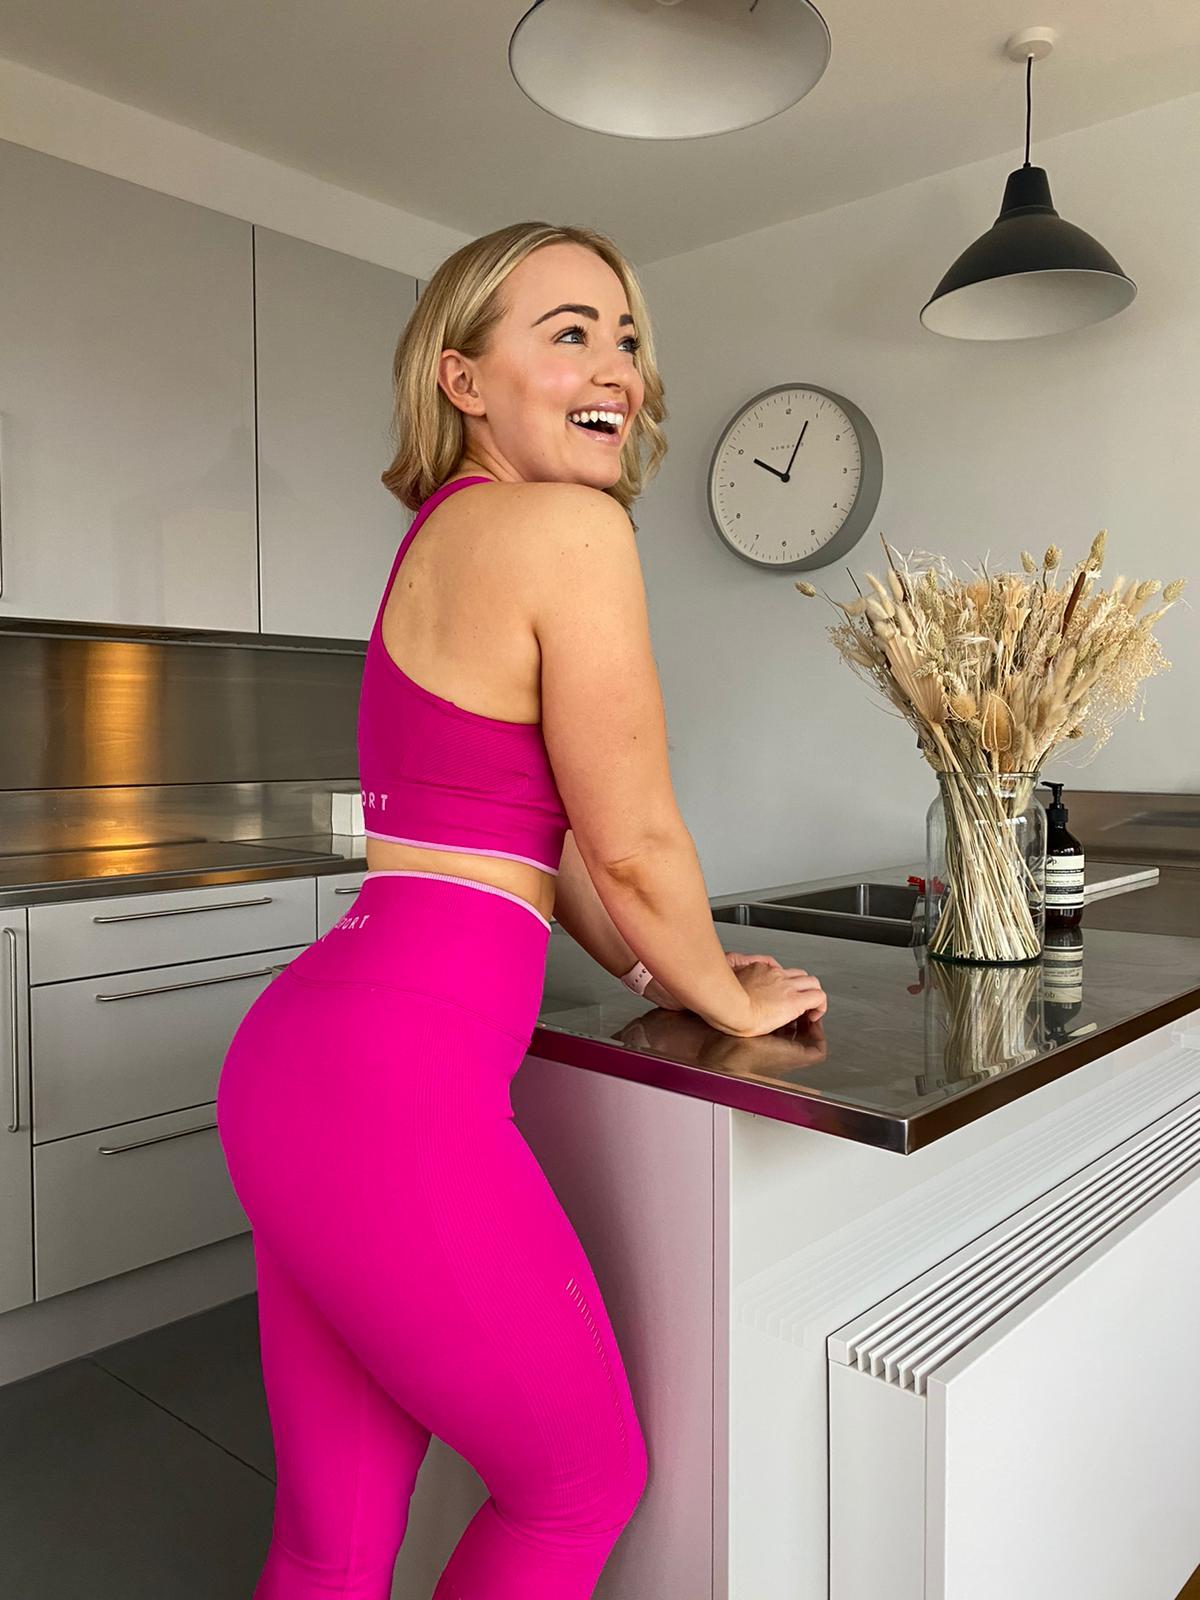 women wearing pink gym leggings